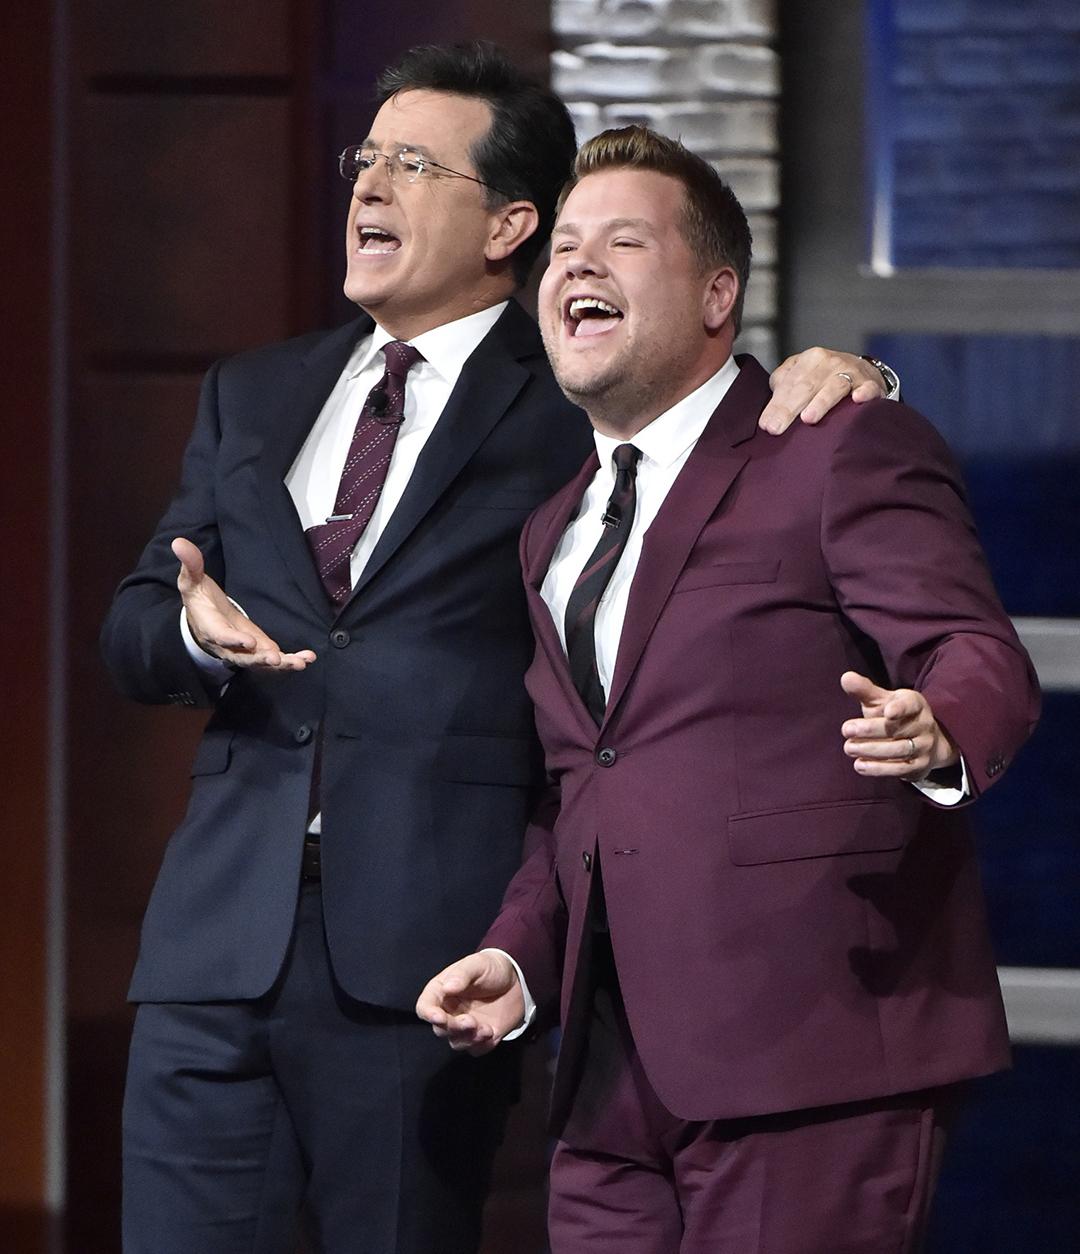 James Corden and Stephen Colbert